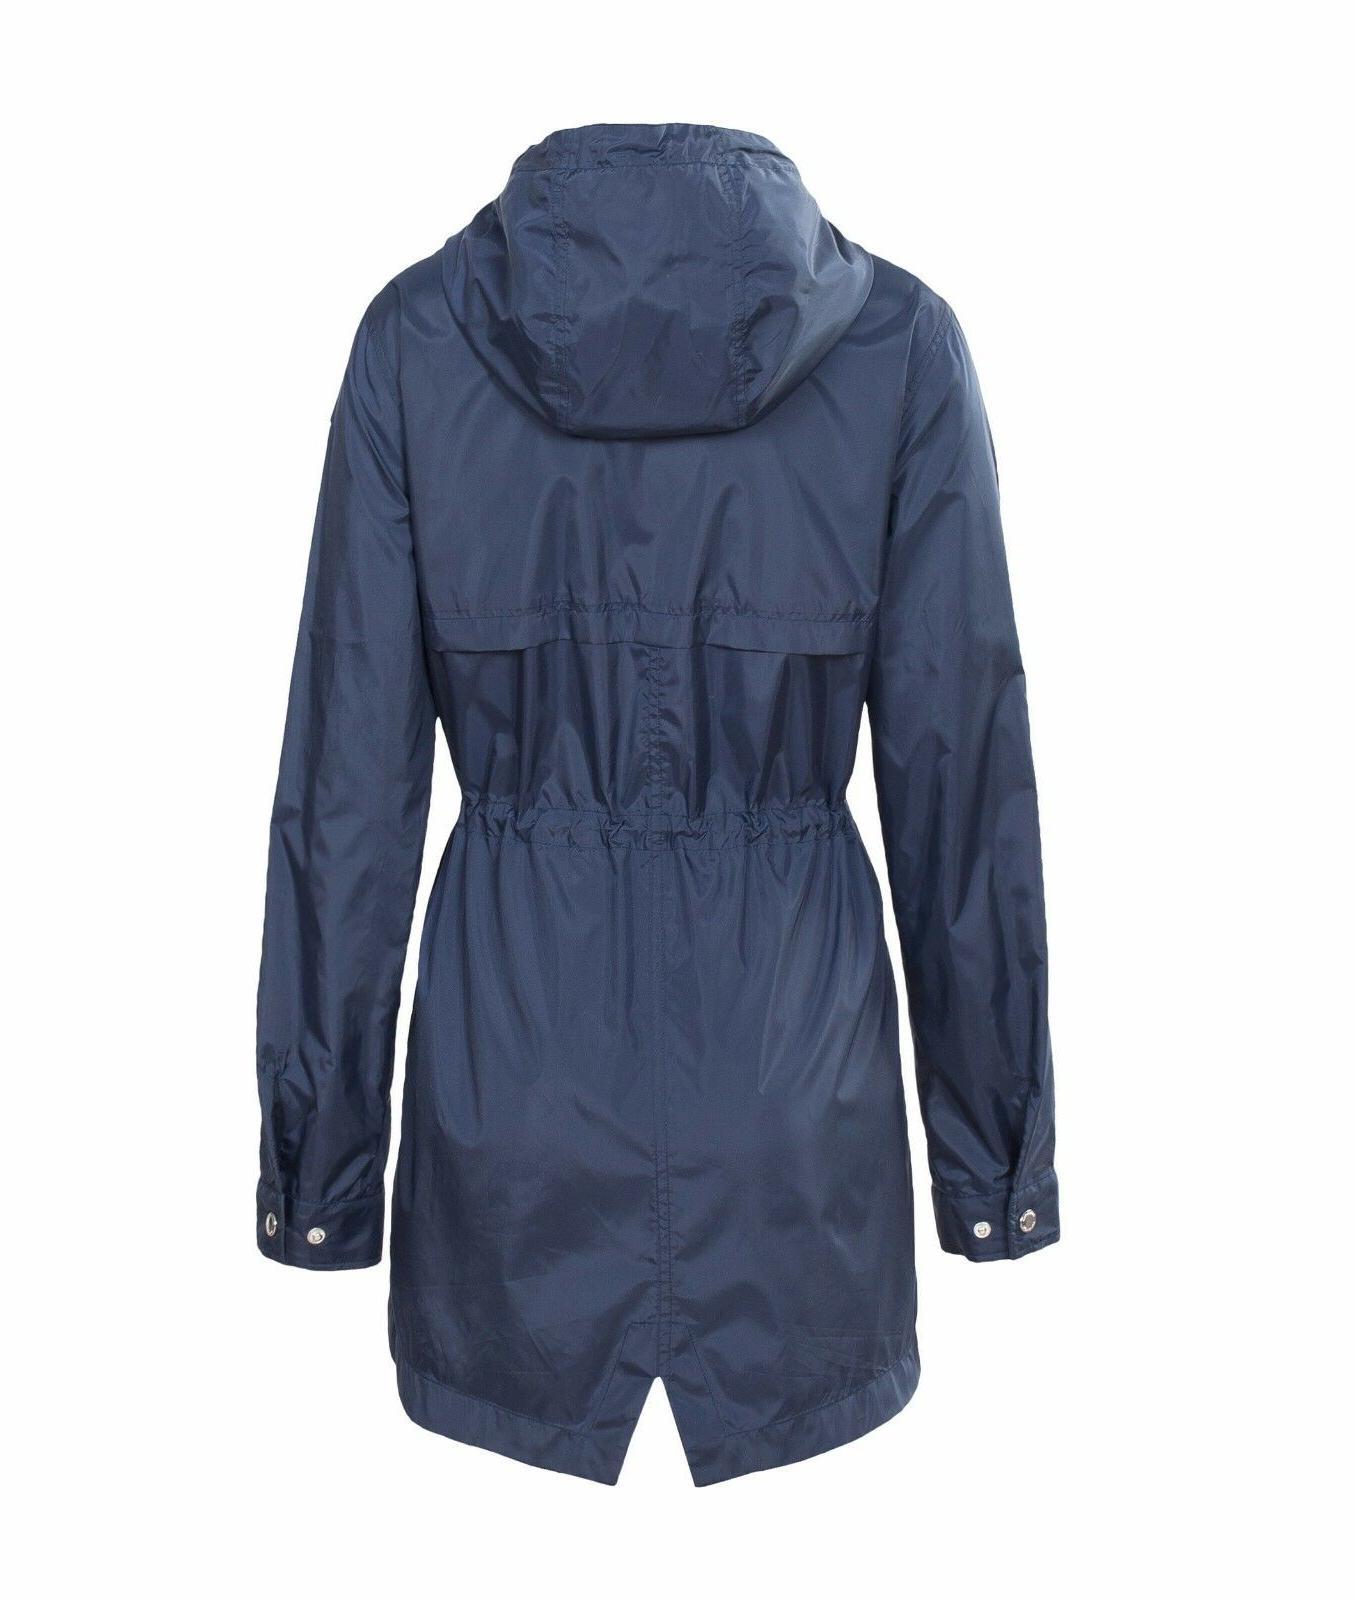 Women's Water-Resistant Trench Coat Windbreaker